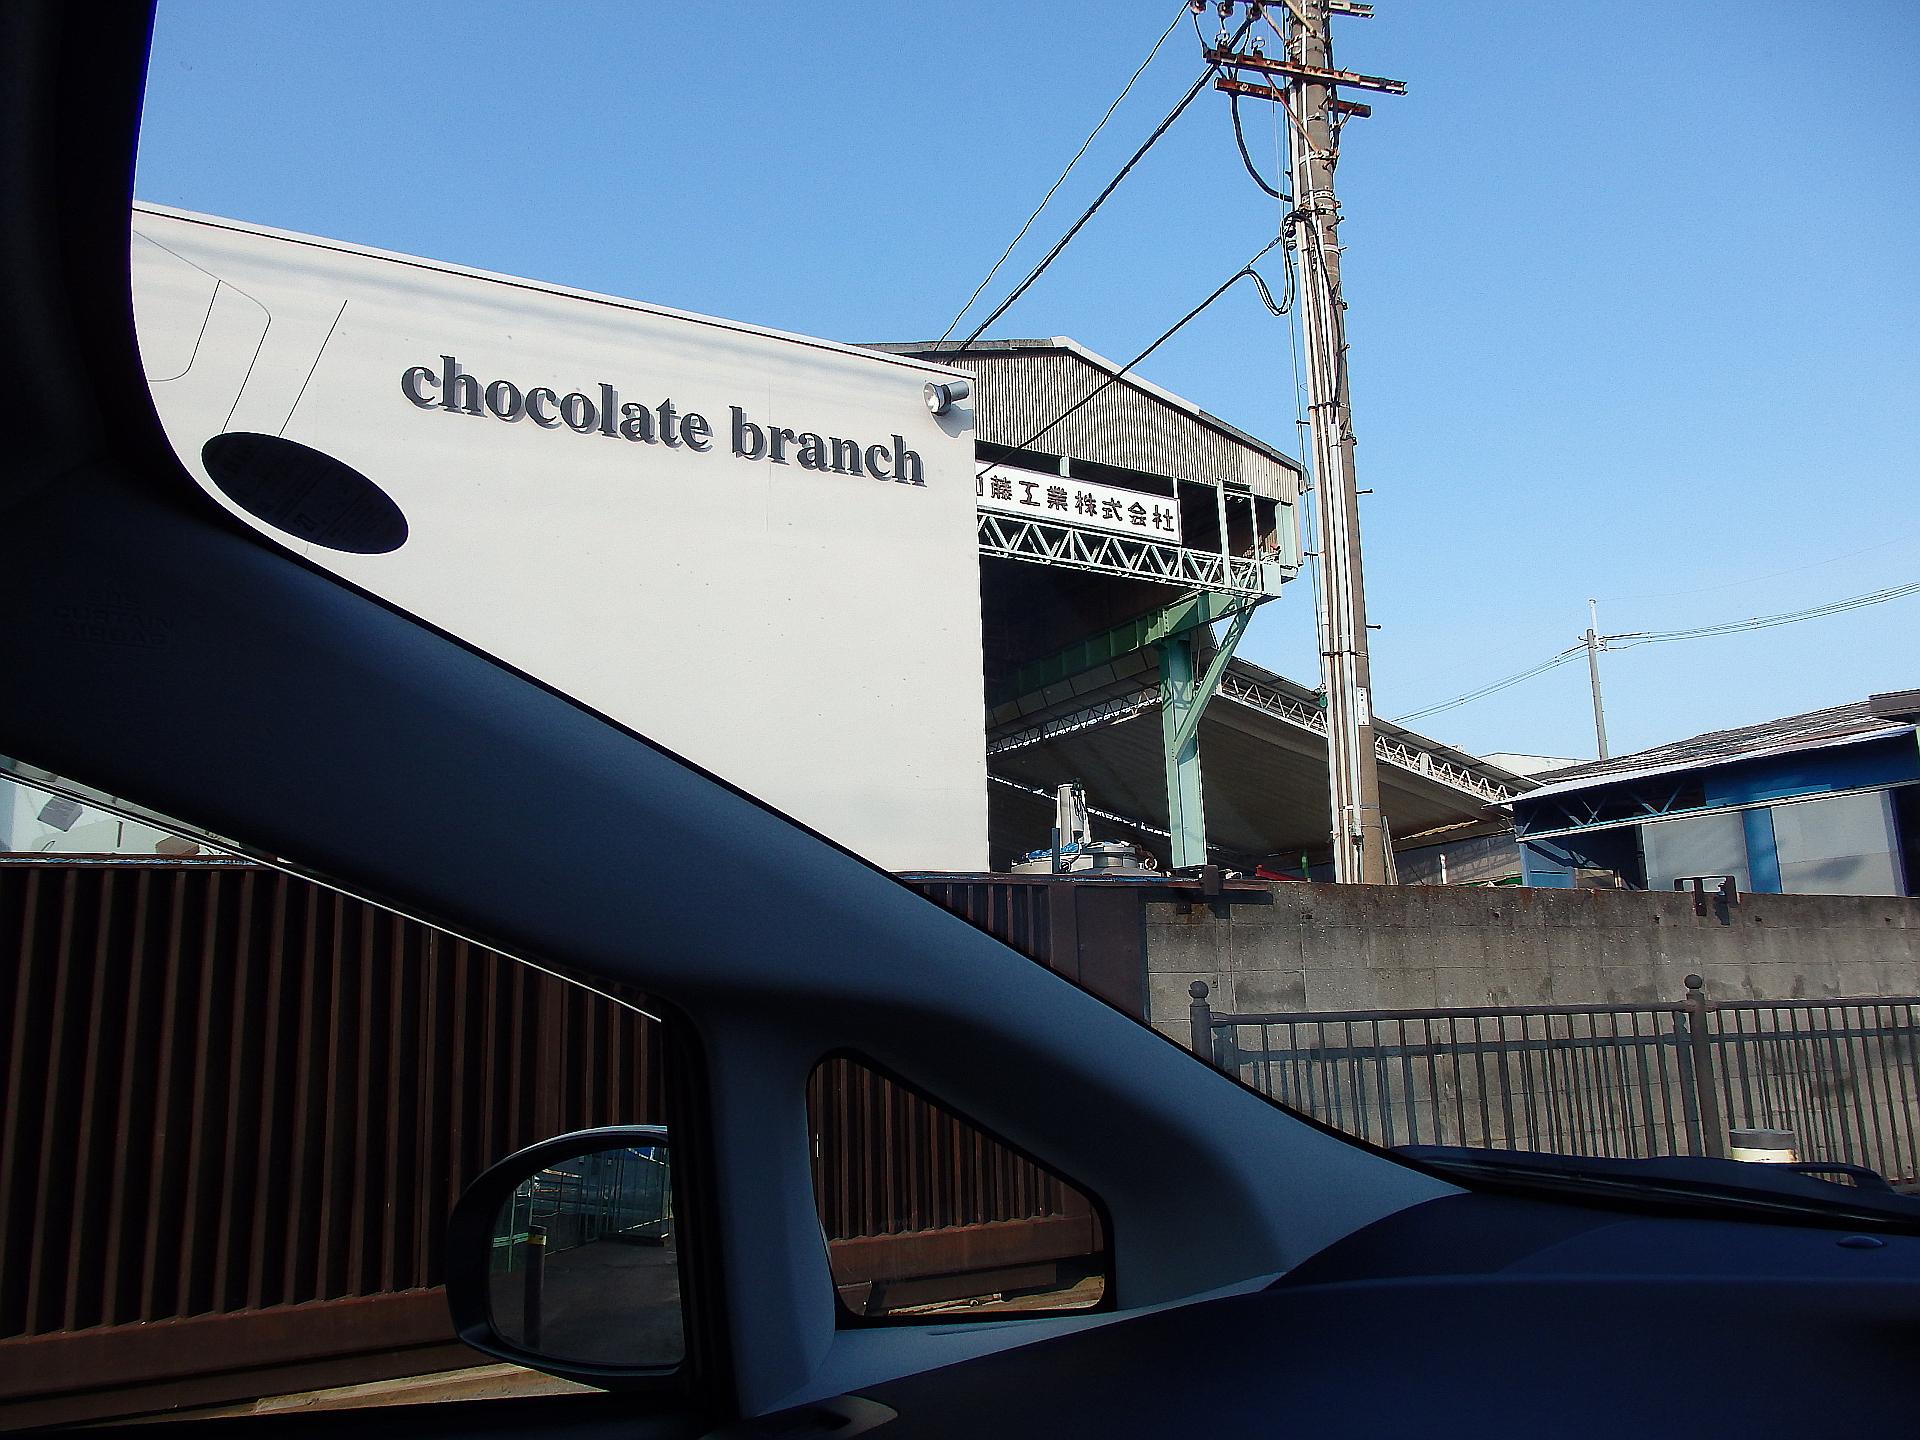 謎のチョコレート店「チョコレートブランチ」。